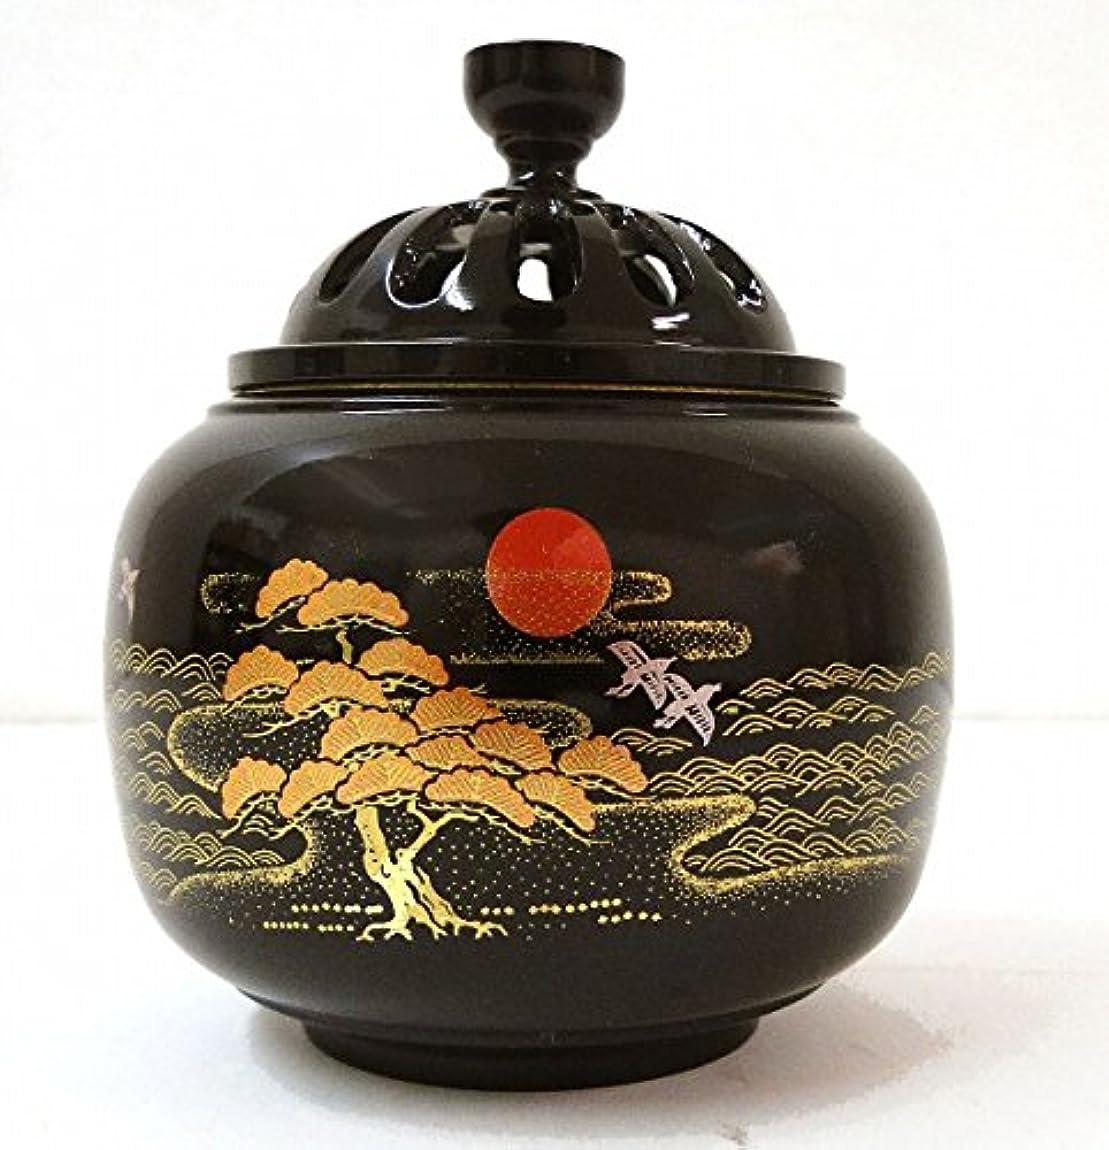 より平らな魅惑的なミシン目『玉胴型香炉?日ノ出松蒔絵』銅製